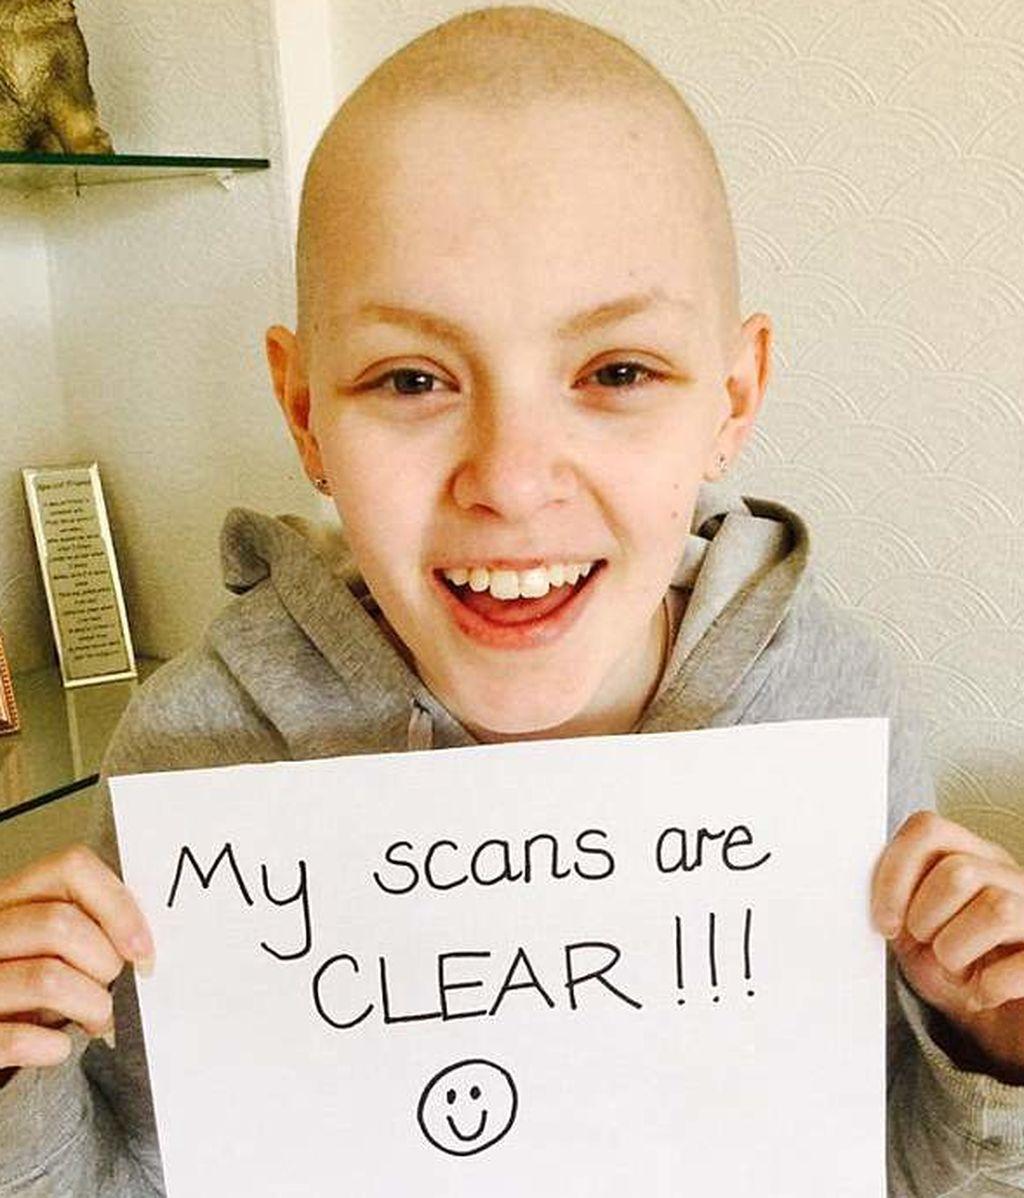 Con 14 años, recibe las donaciones suficientes para operarse después de 3 años luchando contra el cáncer